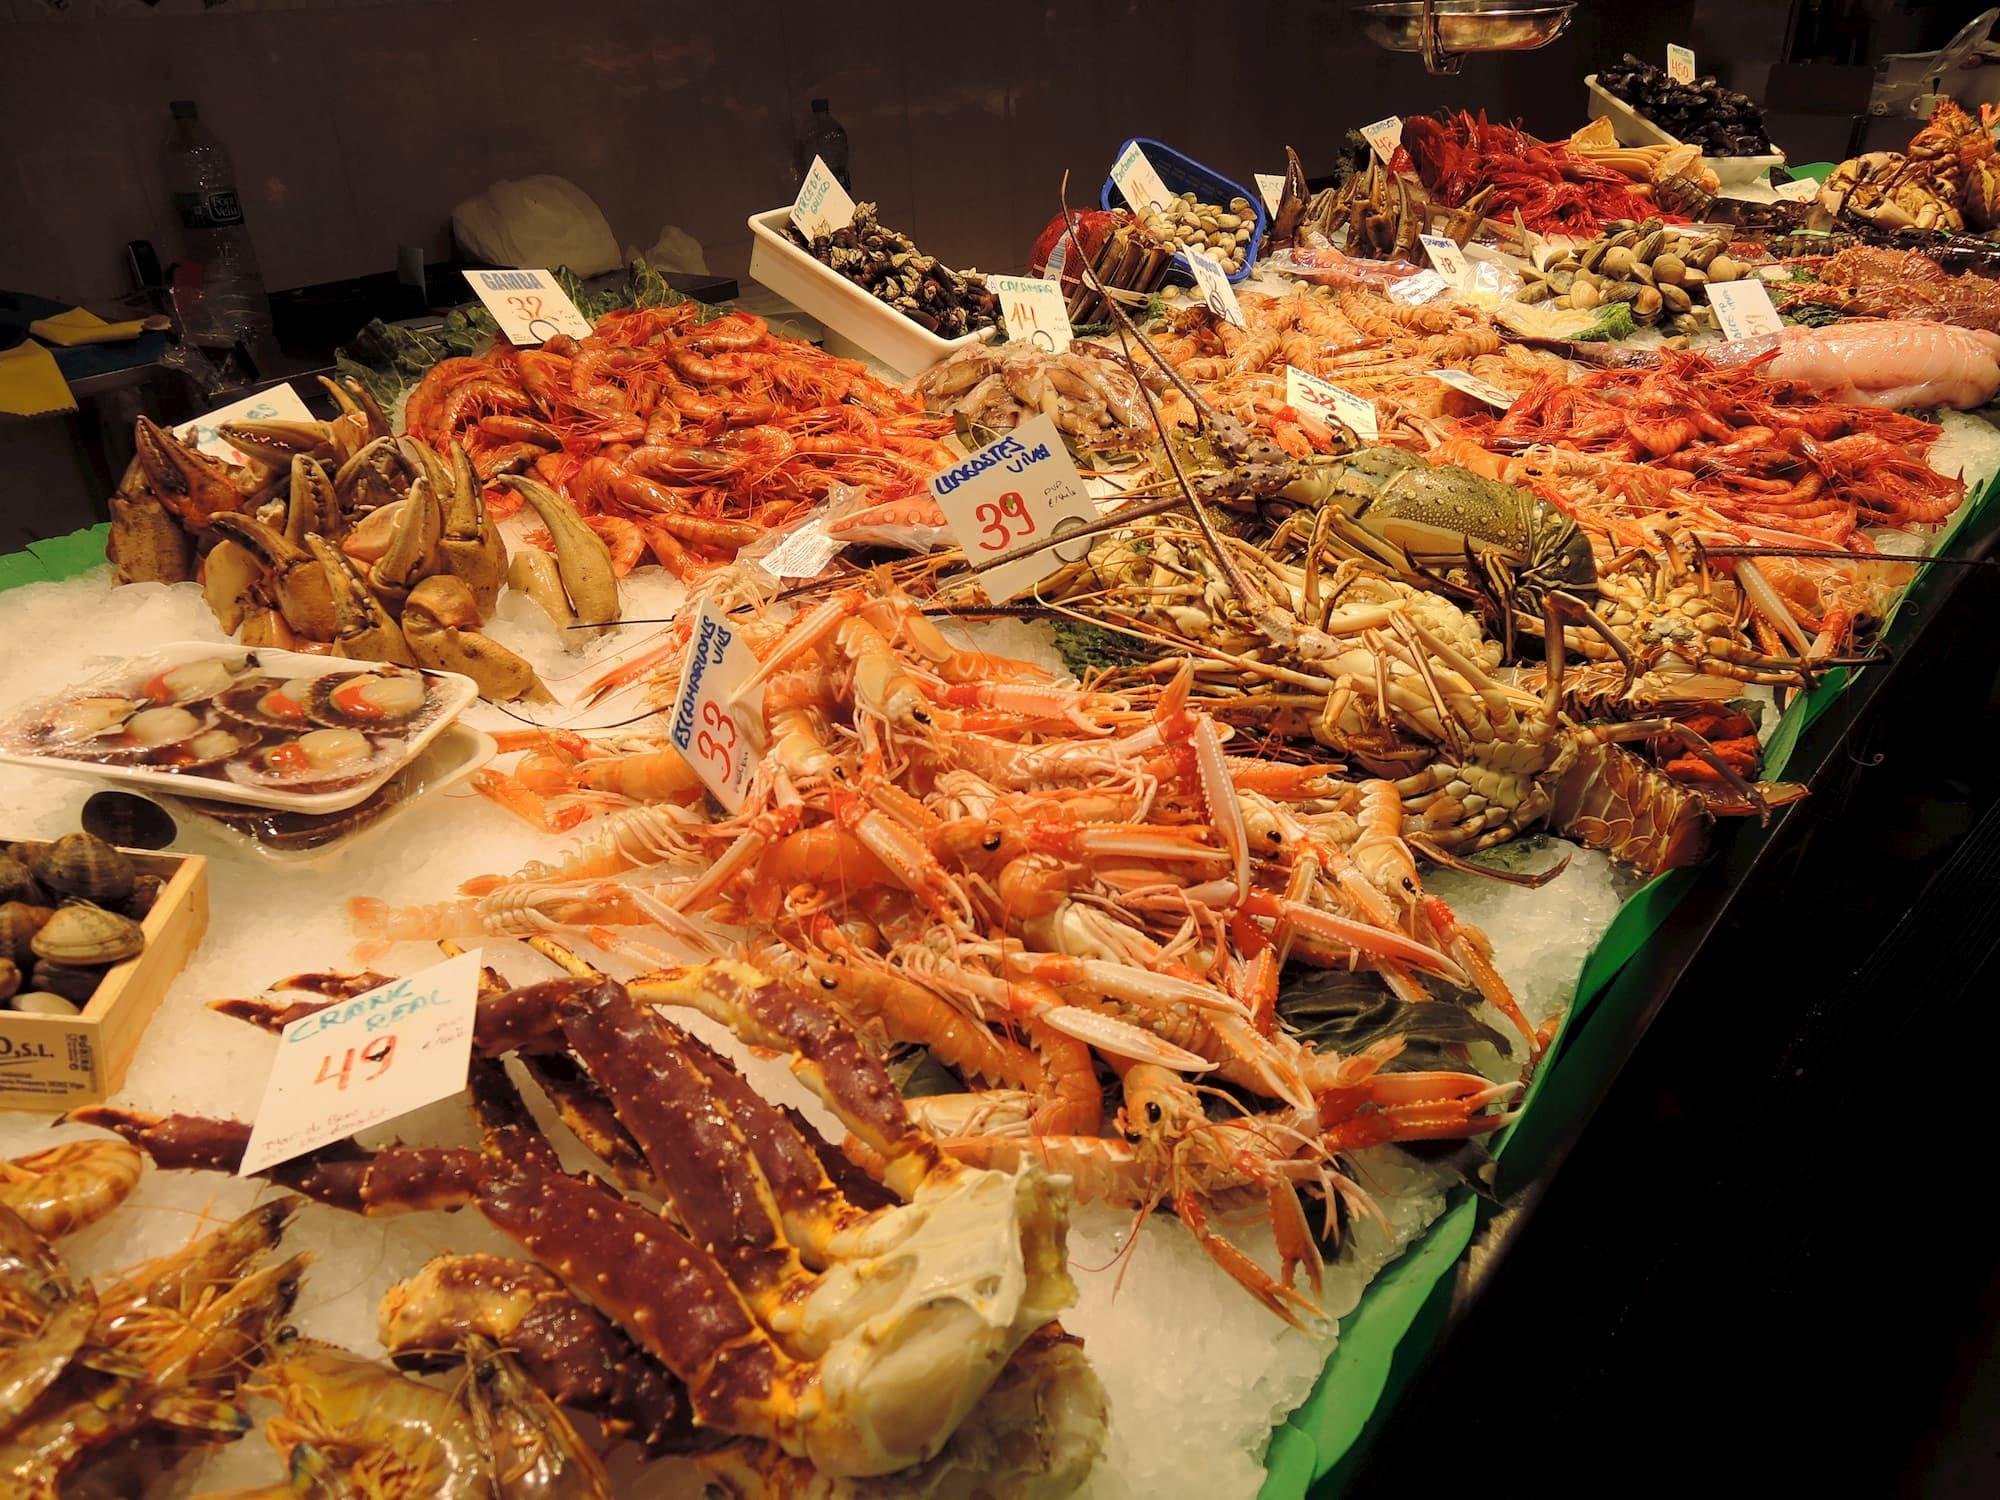 Meeresfrüchte auf dem Markt von Barcelona kaufen